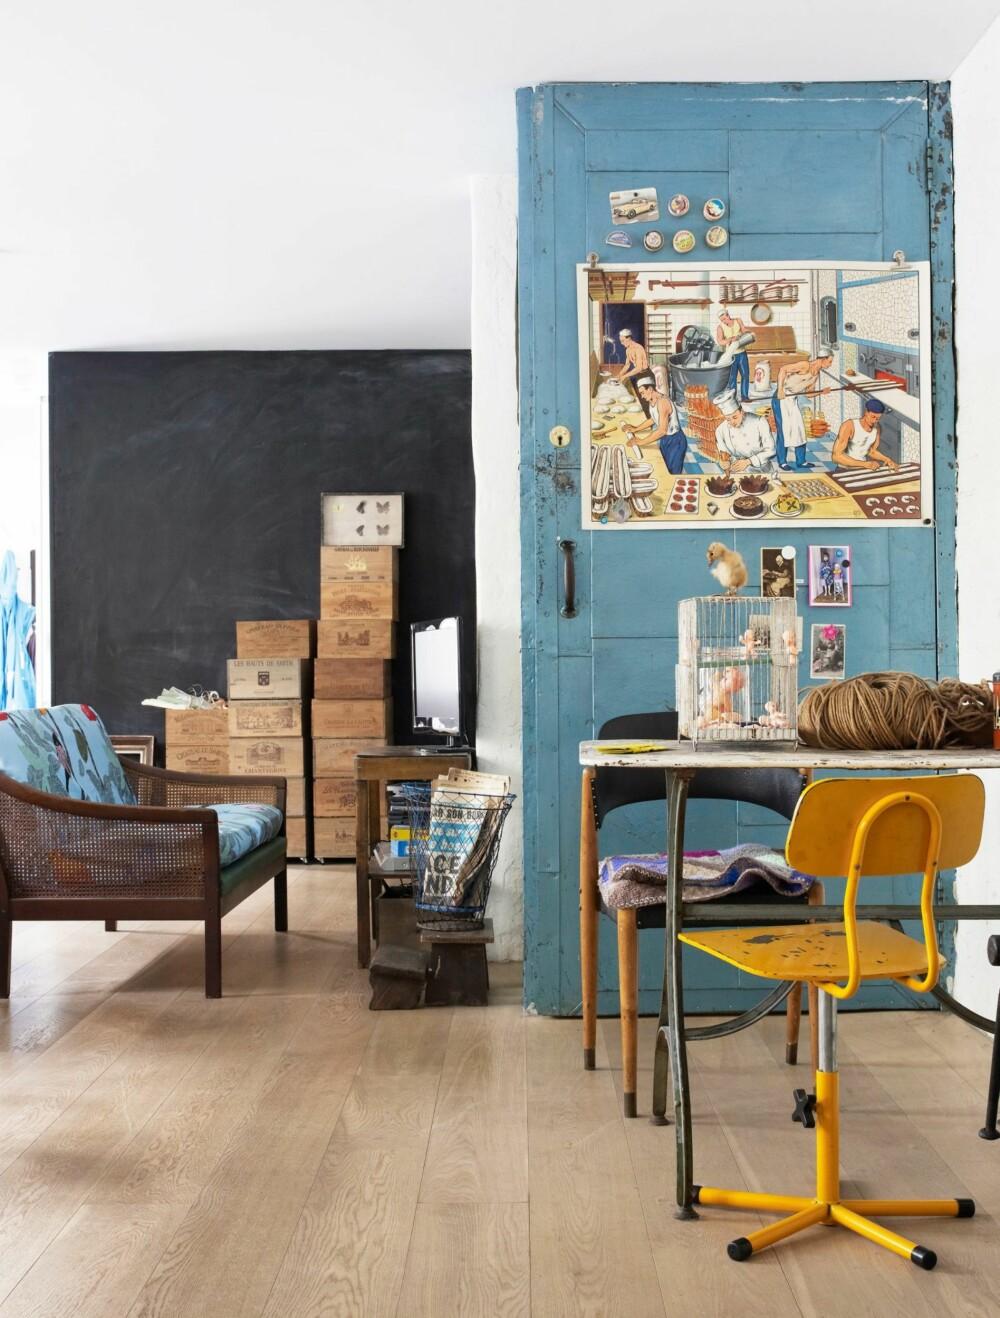 FRANSKE SKATTER: Metalldøren opp til andre etasje er et perfekt bakteppe for de franske skattene. Didier har kjøpt sofaen på Fretex, og putene er trukket med stoff fra Ikea. De gamle vinkassene selger de mye av, både til vinsamlere og til folk som vil lage bokhylle av kassene. Den gule stolen reddet Nina fra en container her hjemme, den svarte stolen fulgte med huset.